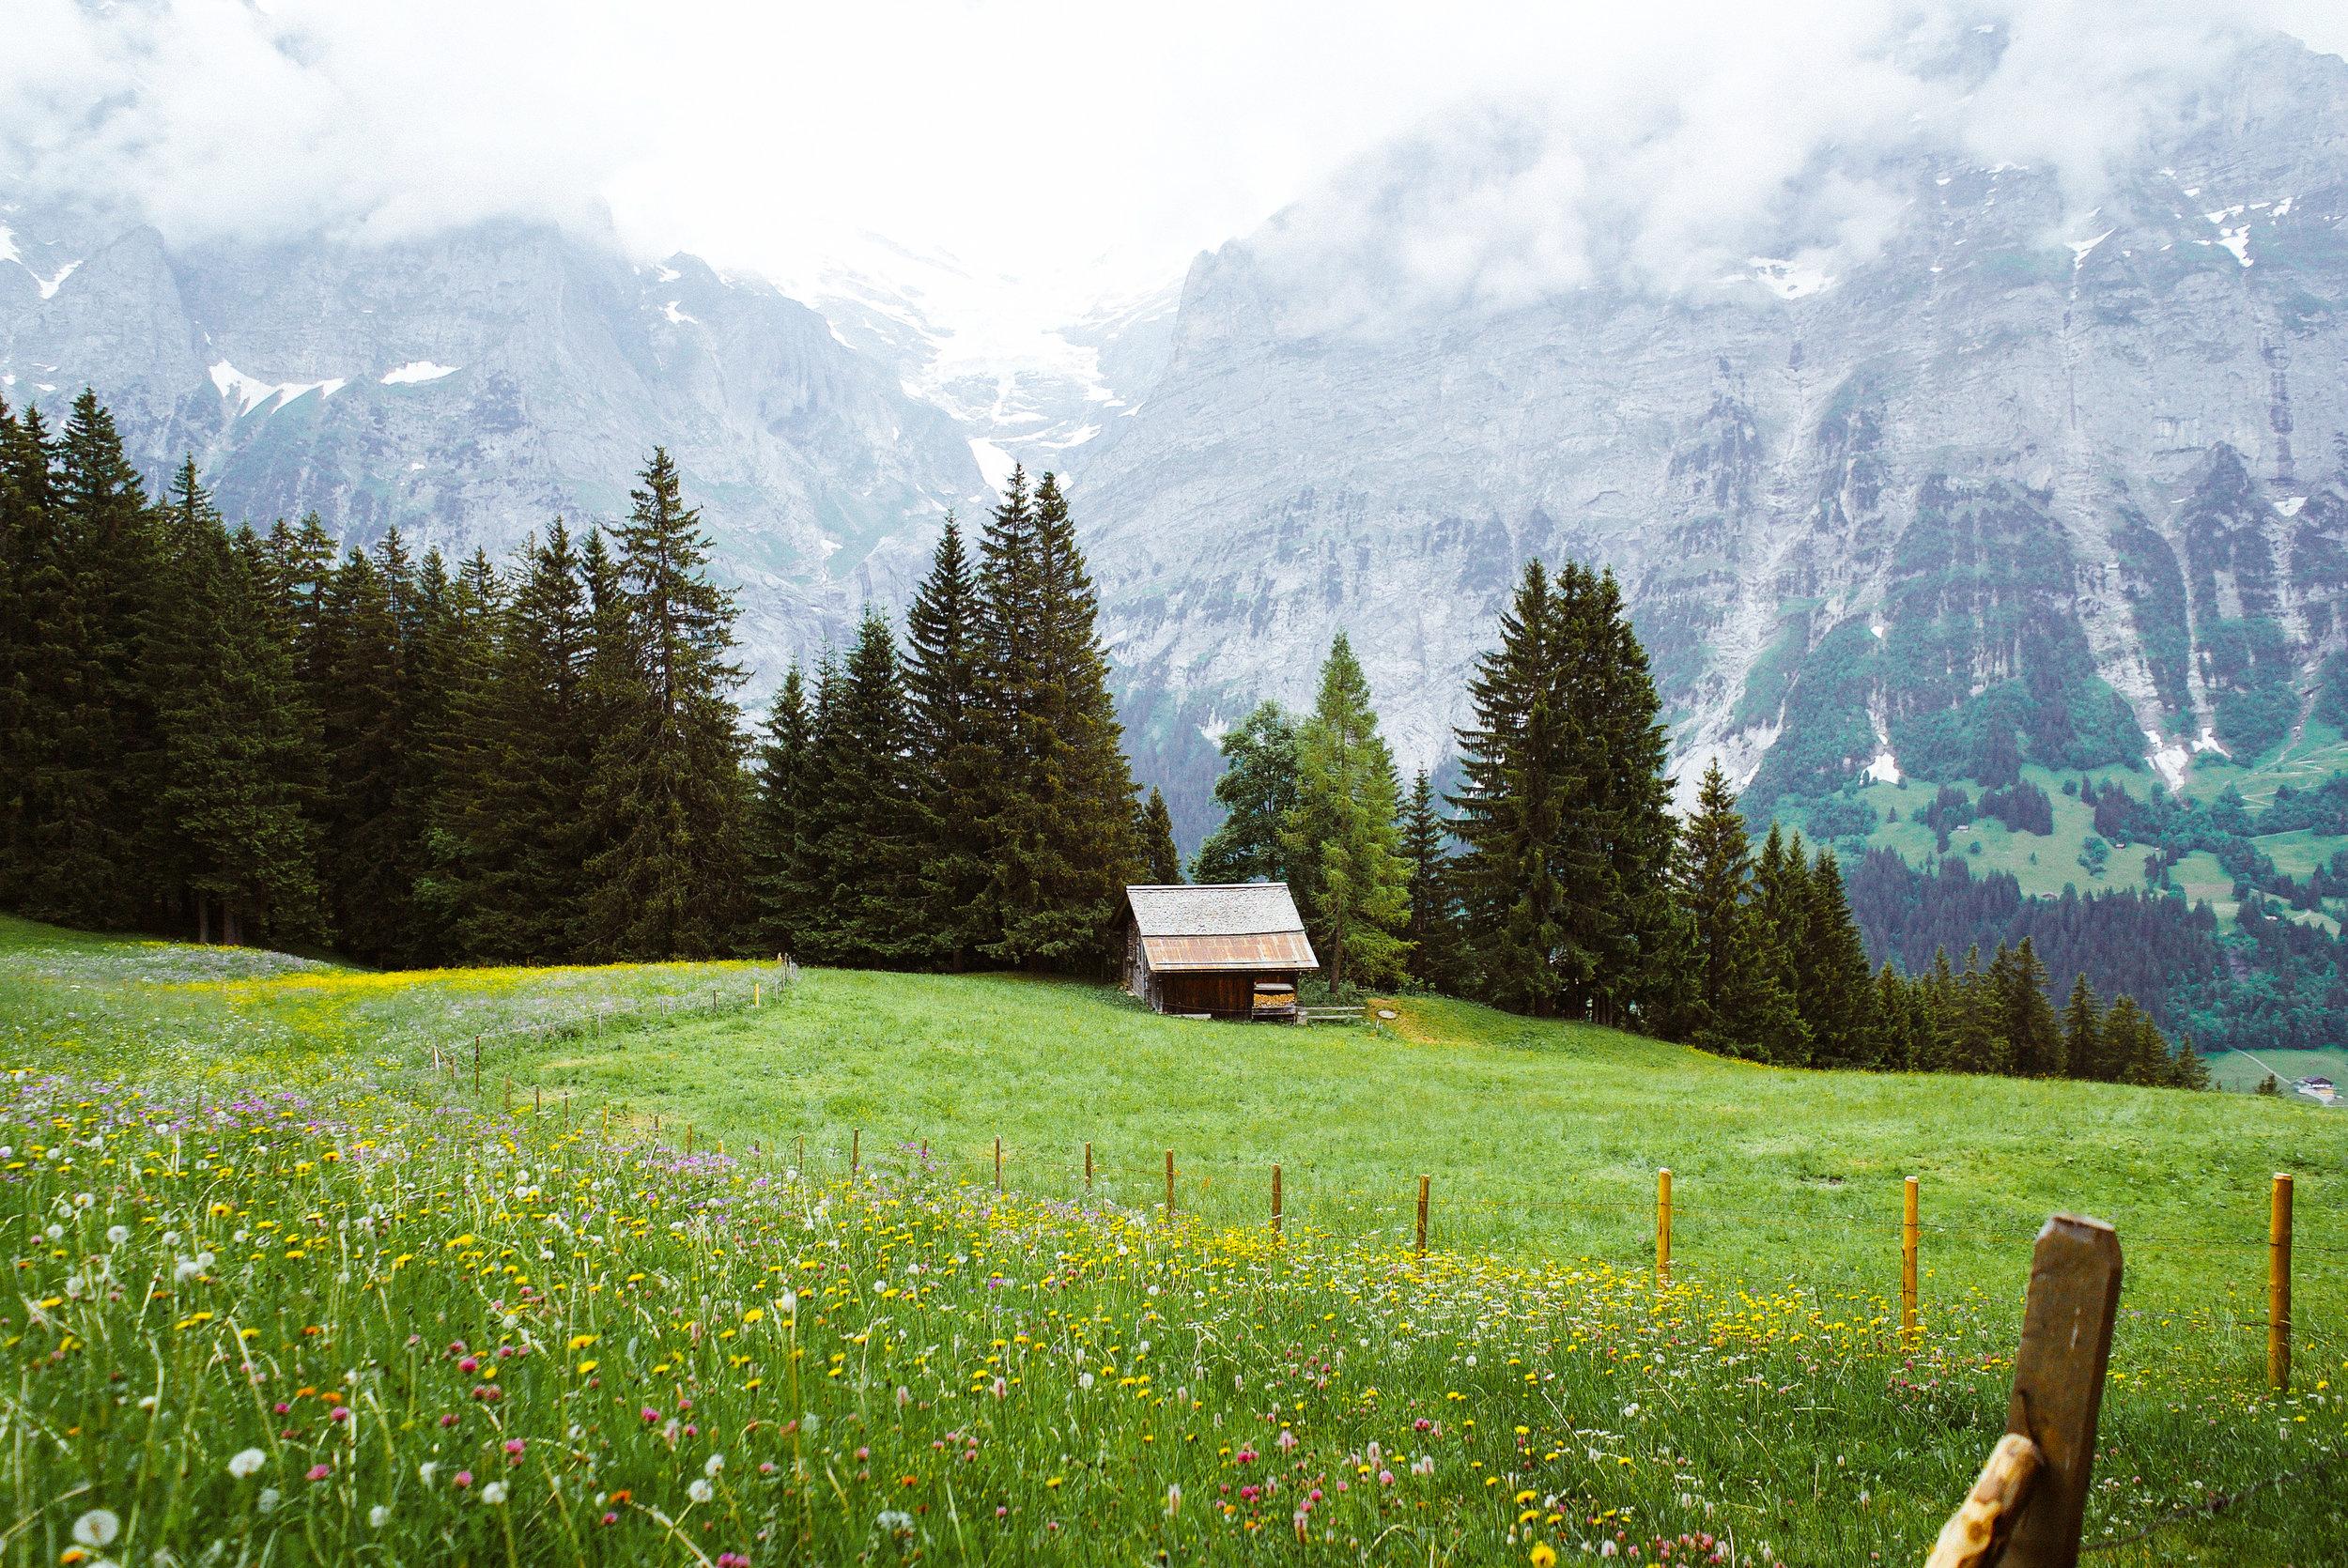 The Eiger, Bernese Alps, Switzerland